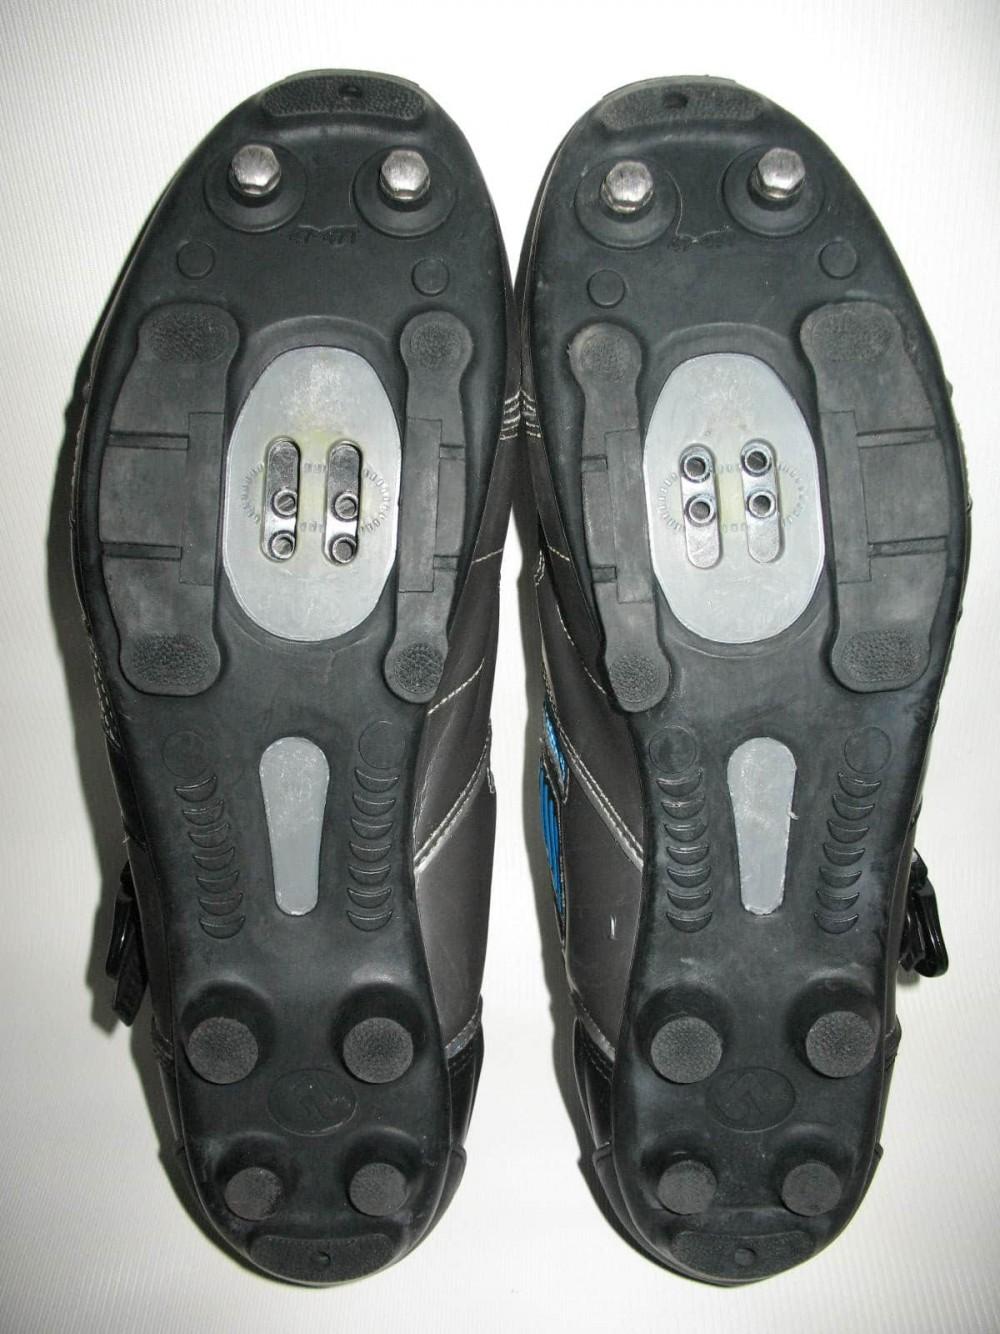 Велотуфли SHIMANO sh-m180g mtb bike shoes (размер UK12,5/EU47(на стопу до 298 mm)) - 7